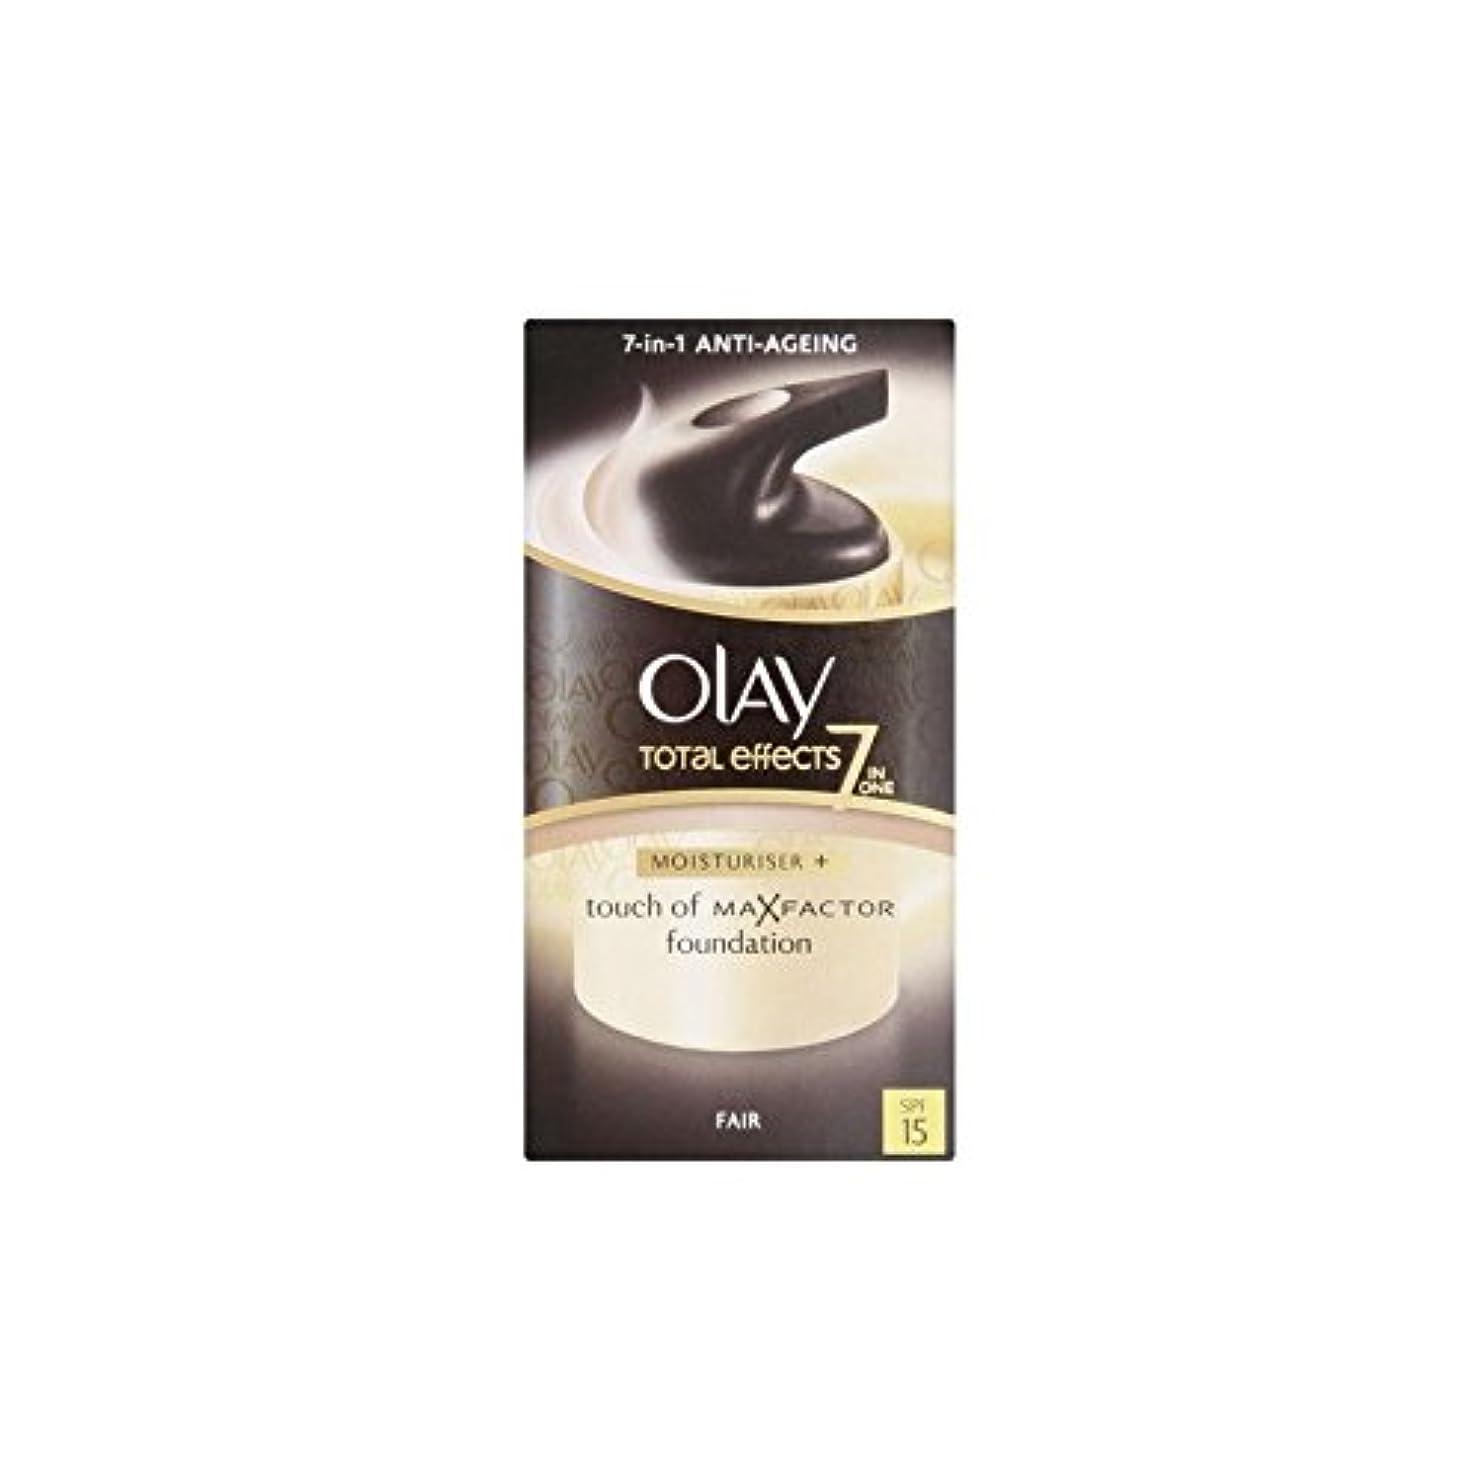 豊かにする構成するブリードOlay Total Effects Moisturiser Bb Cream Spf15 - Fair (50ml) - オーレイトータルエフェクト保湿クリーム15 - フェア(50ミリリットル) [並行輸入品]